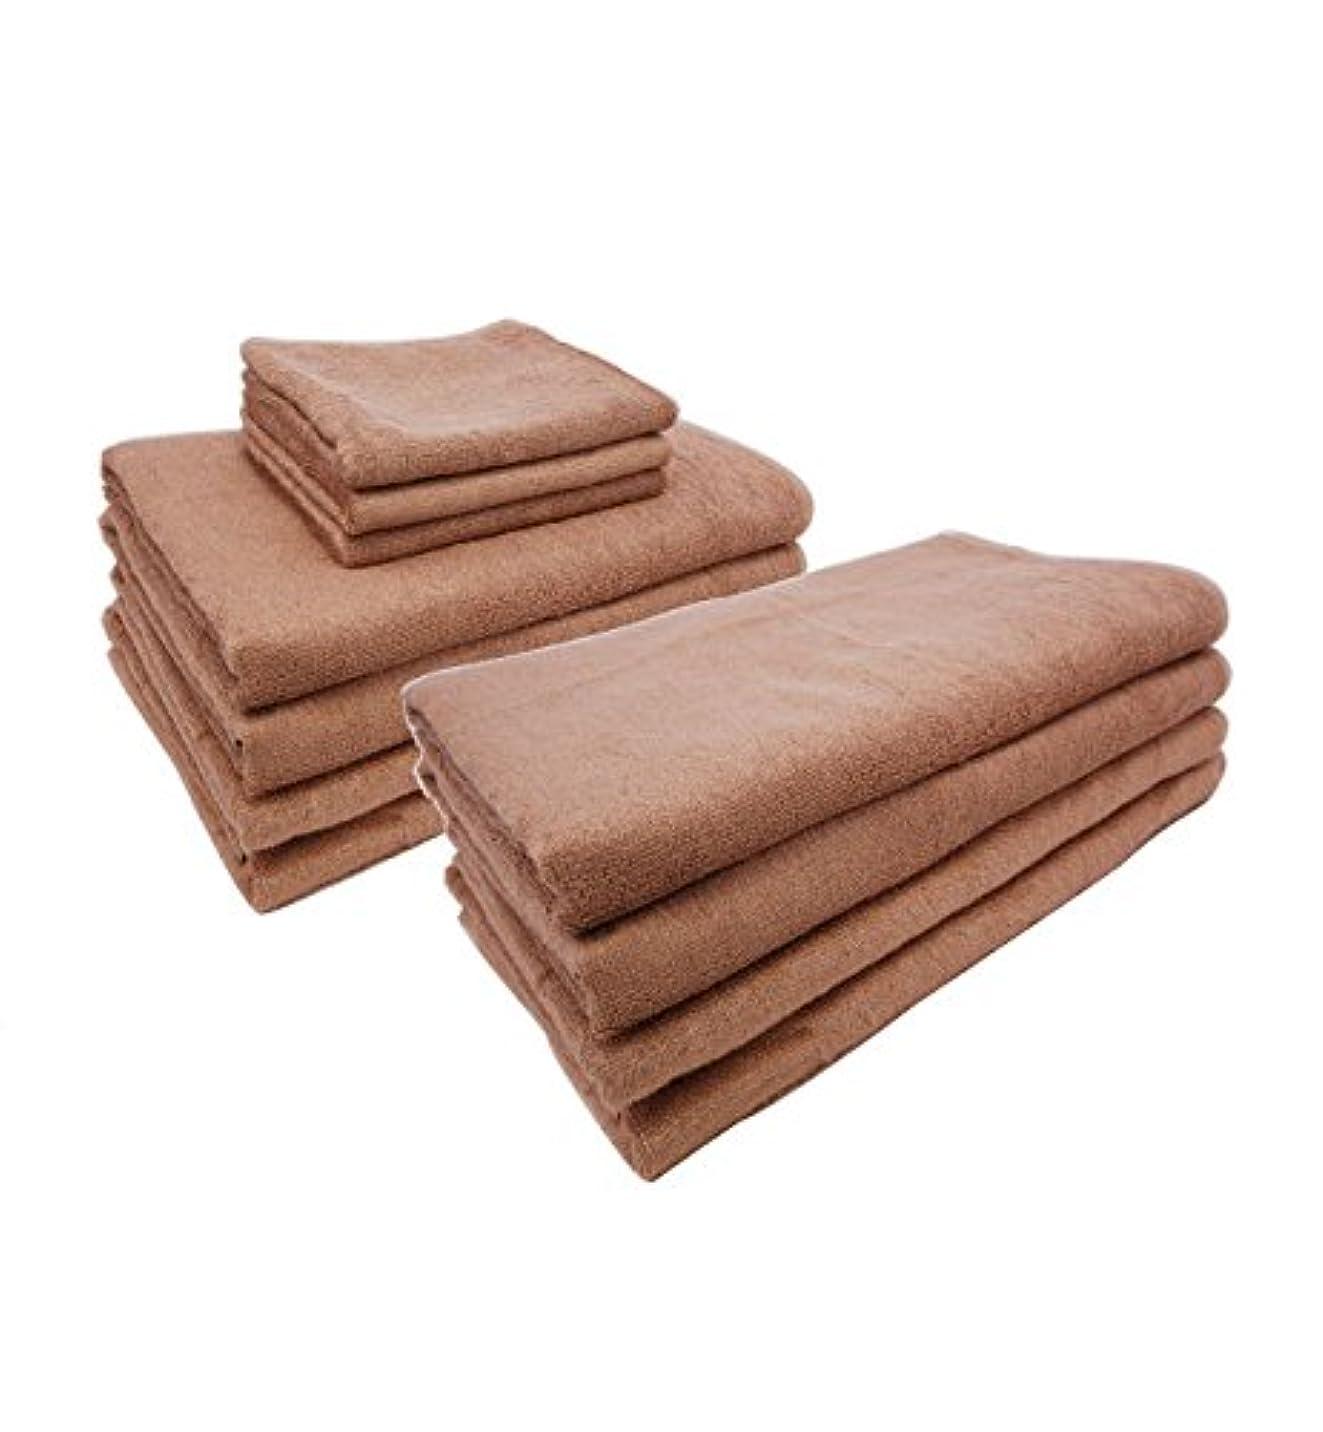 豪華なナース才能のあるまとめ売り やわらか バンブー 竹繊維 タオルシーツ (ソフトベージュ 10枚) 110×210cm 竹タオル 業務用タオル